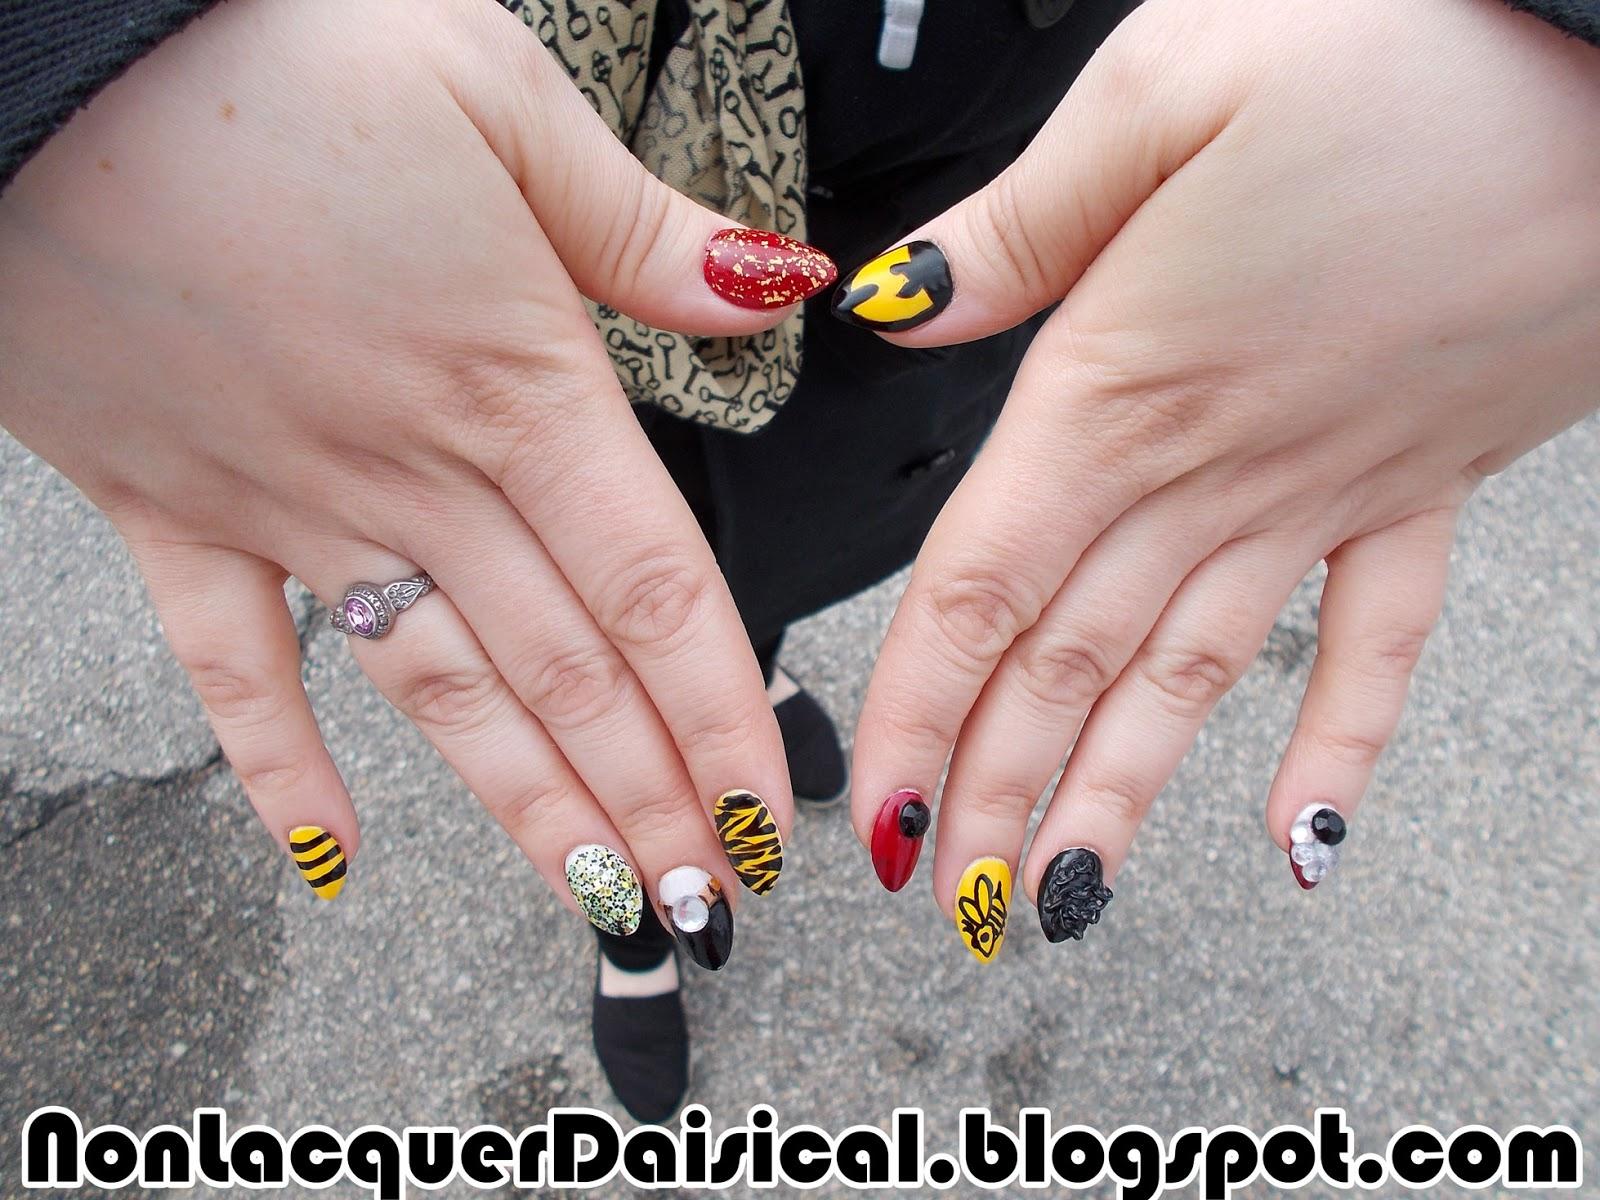 NonLacquerDaisical: Wu Tang Clan and H.P. Lovecraft nail sets